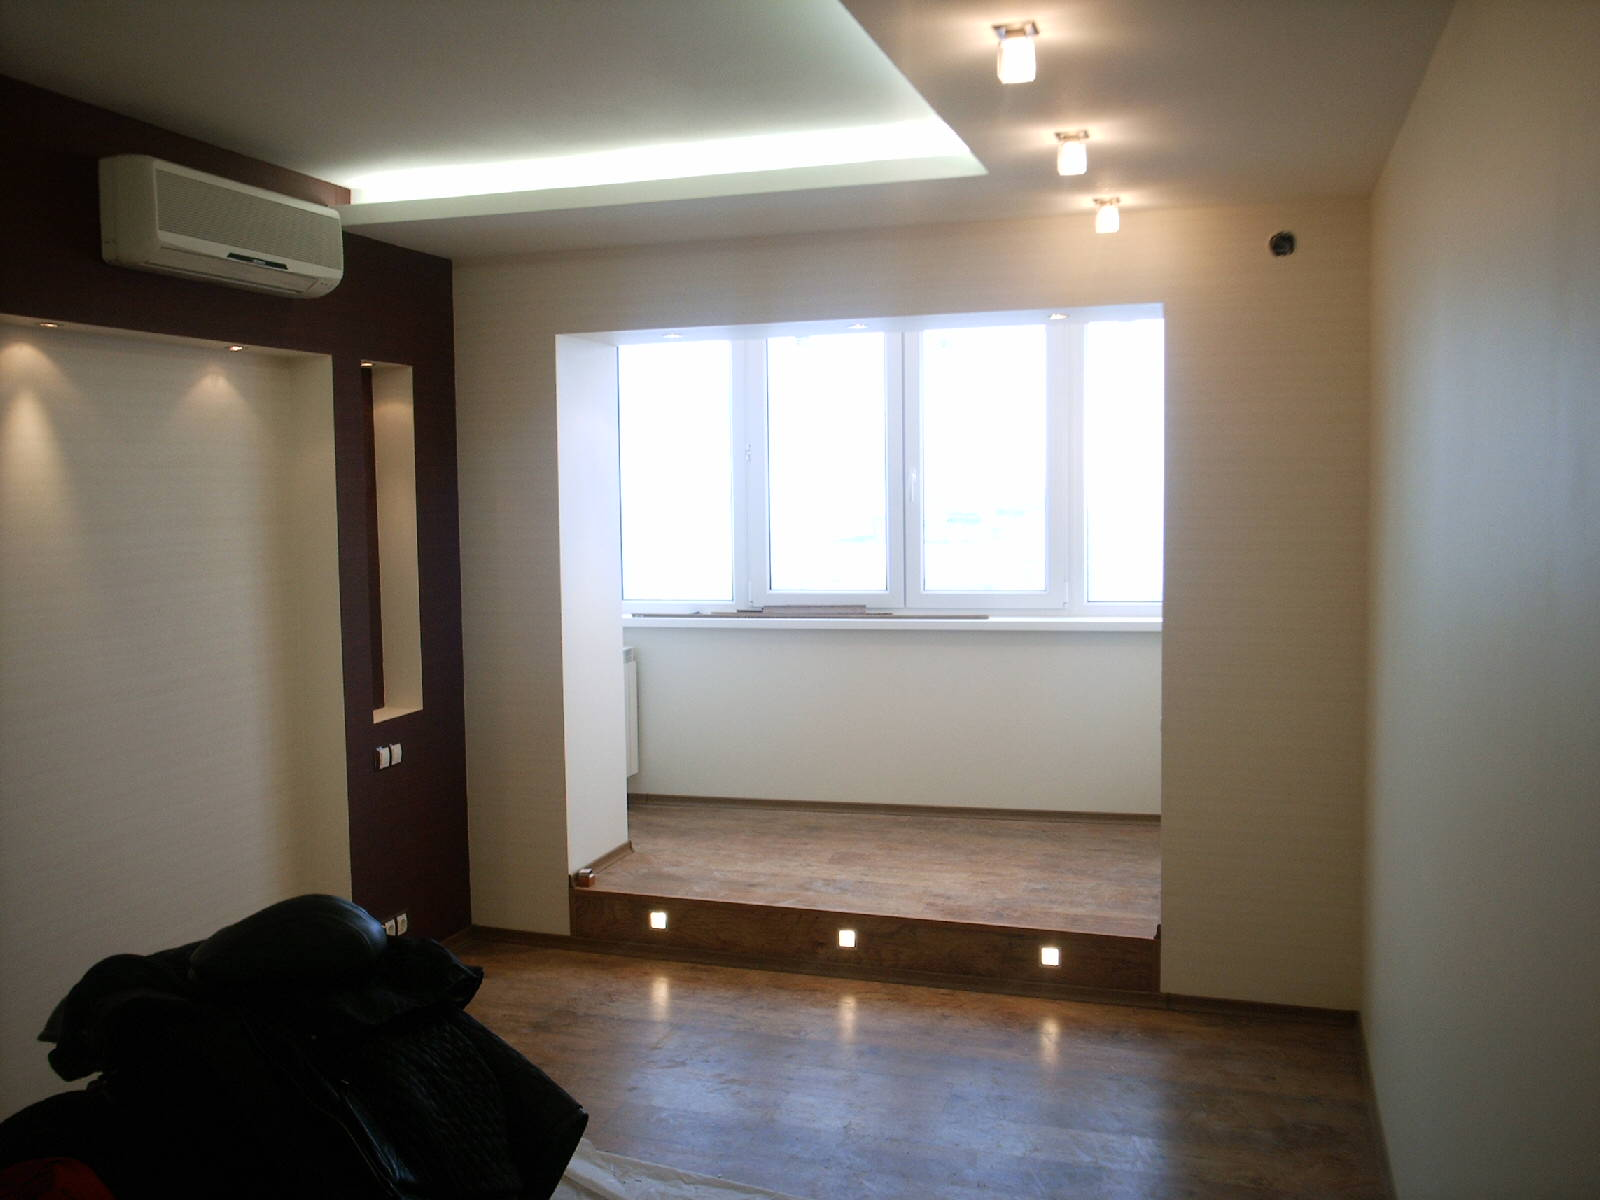 Полезная жилплощадь - объединение лоджии или балкона с комна.